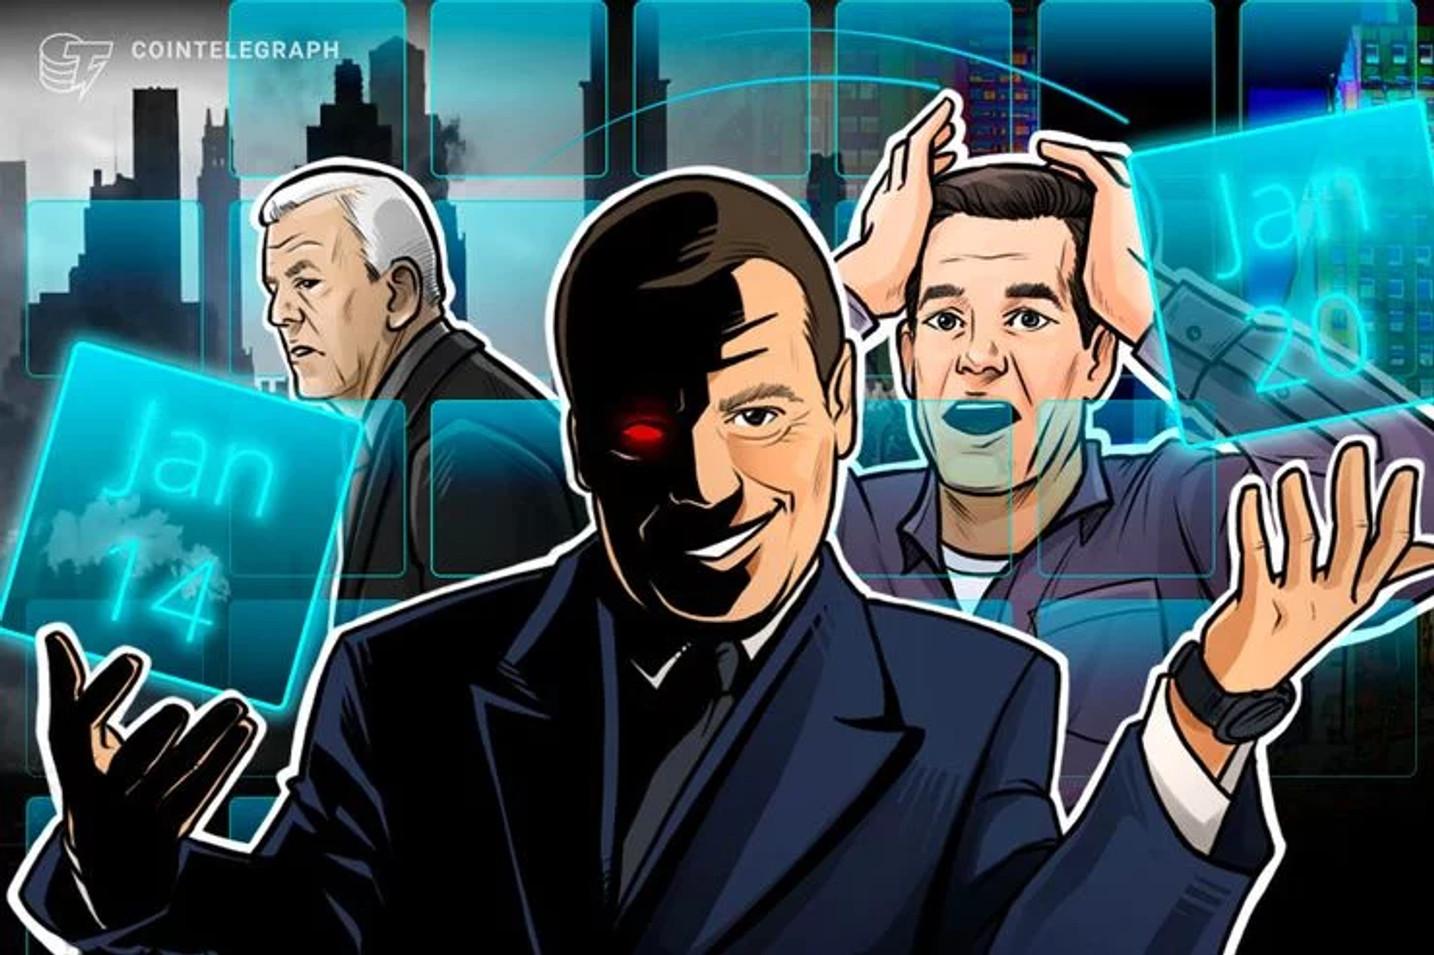 'Exterminador' de pirâmides ameaça matar todos os piramideiros e empresas que usam marketing multinivel para fraudes